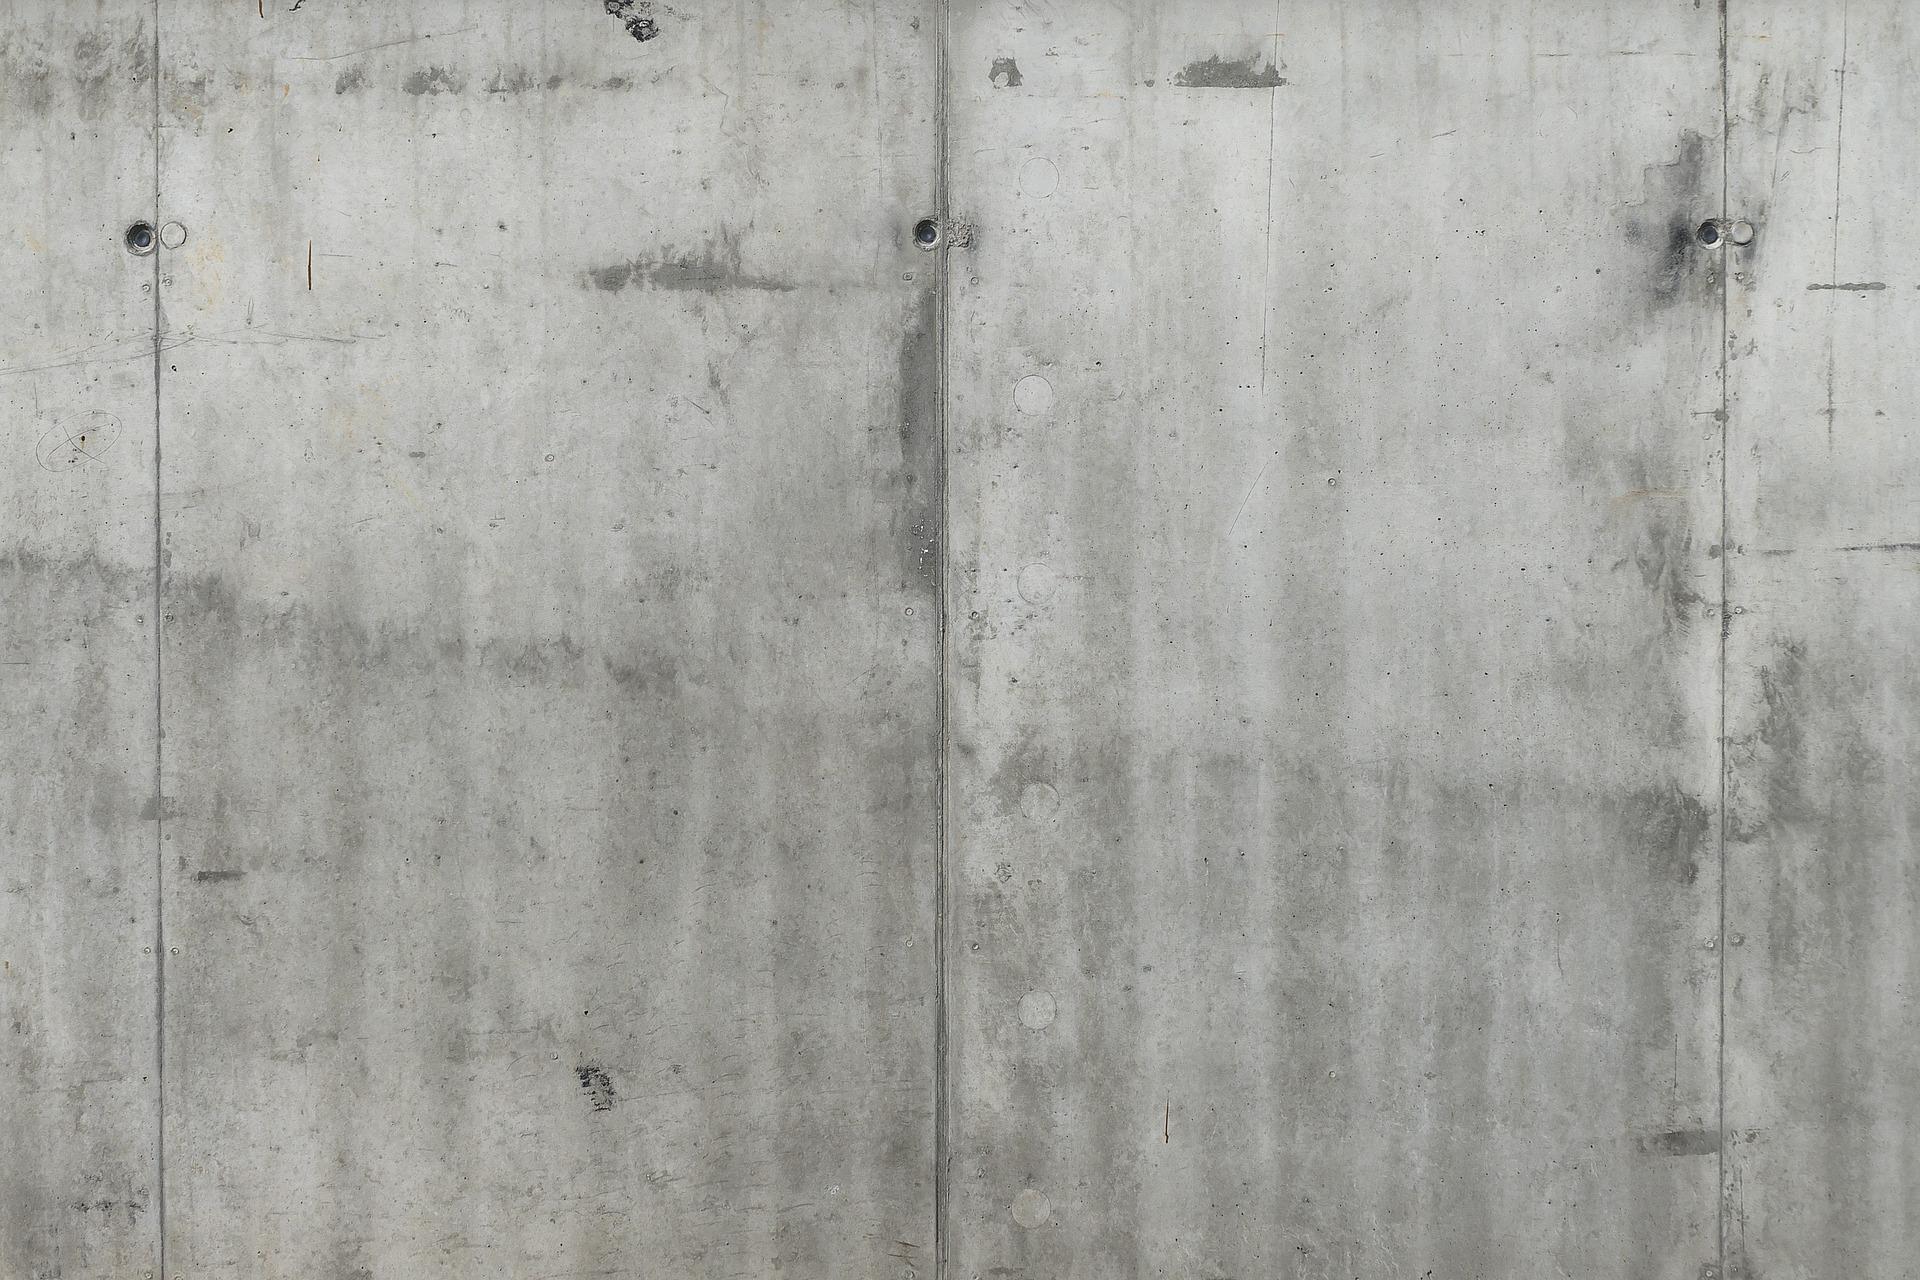 concrete-wall-3176815_1920